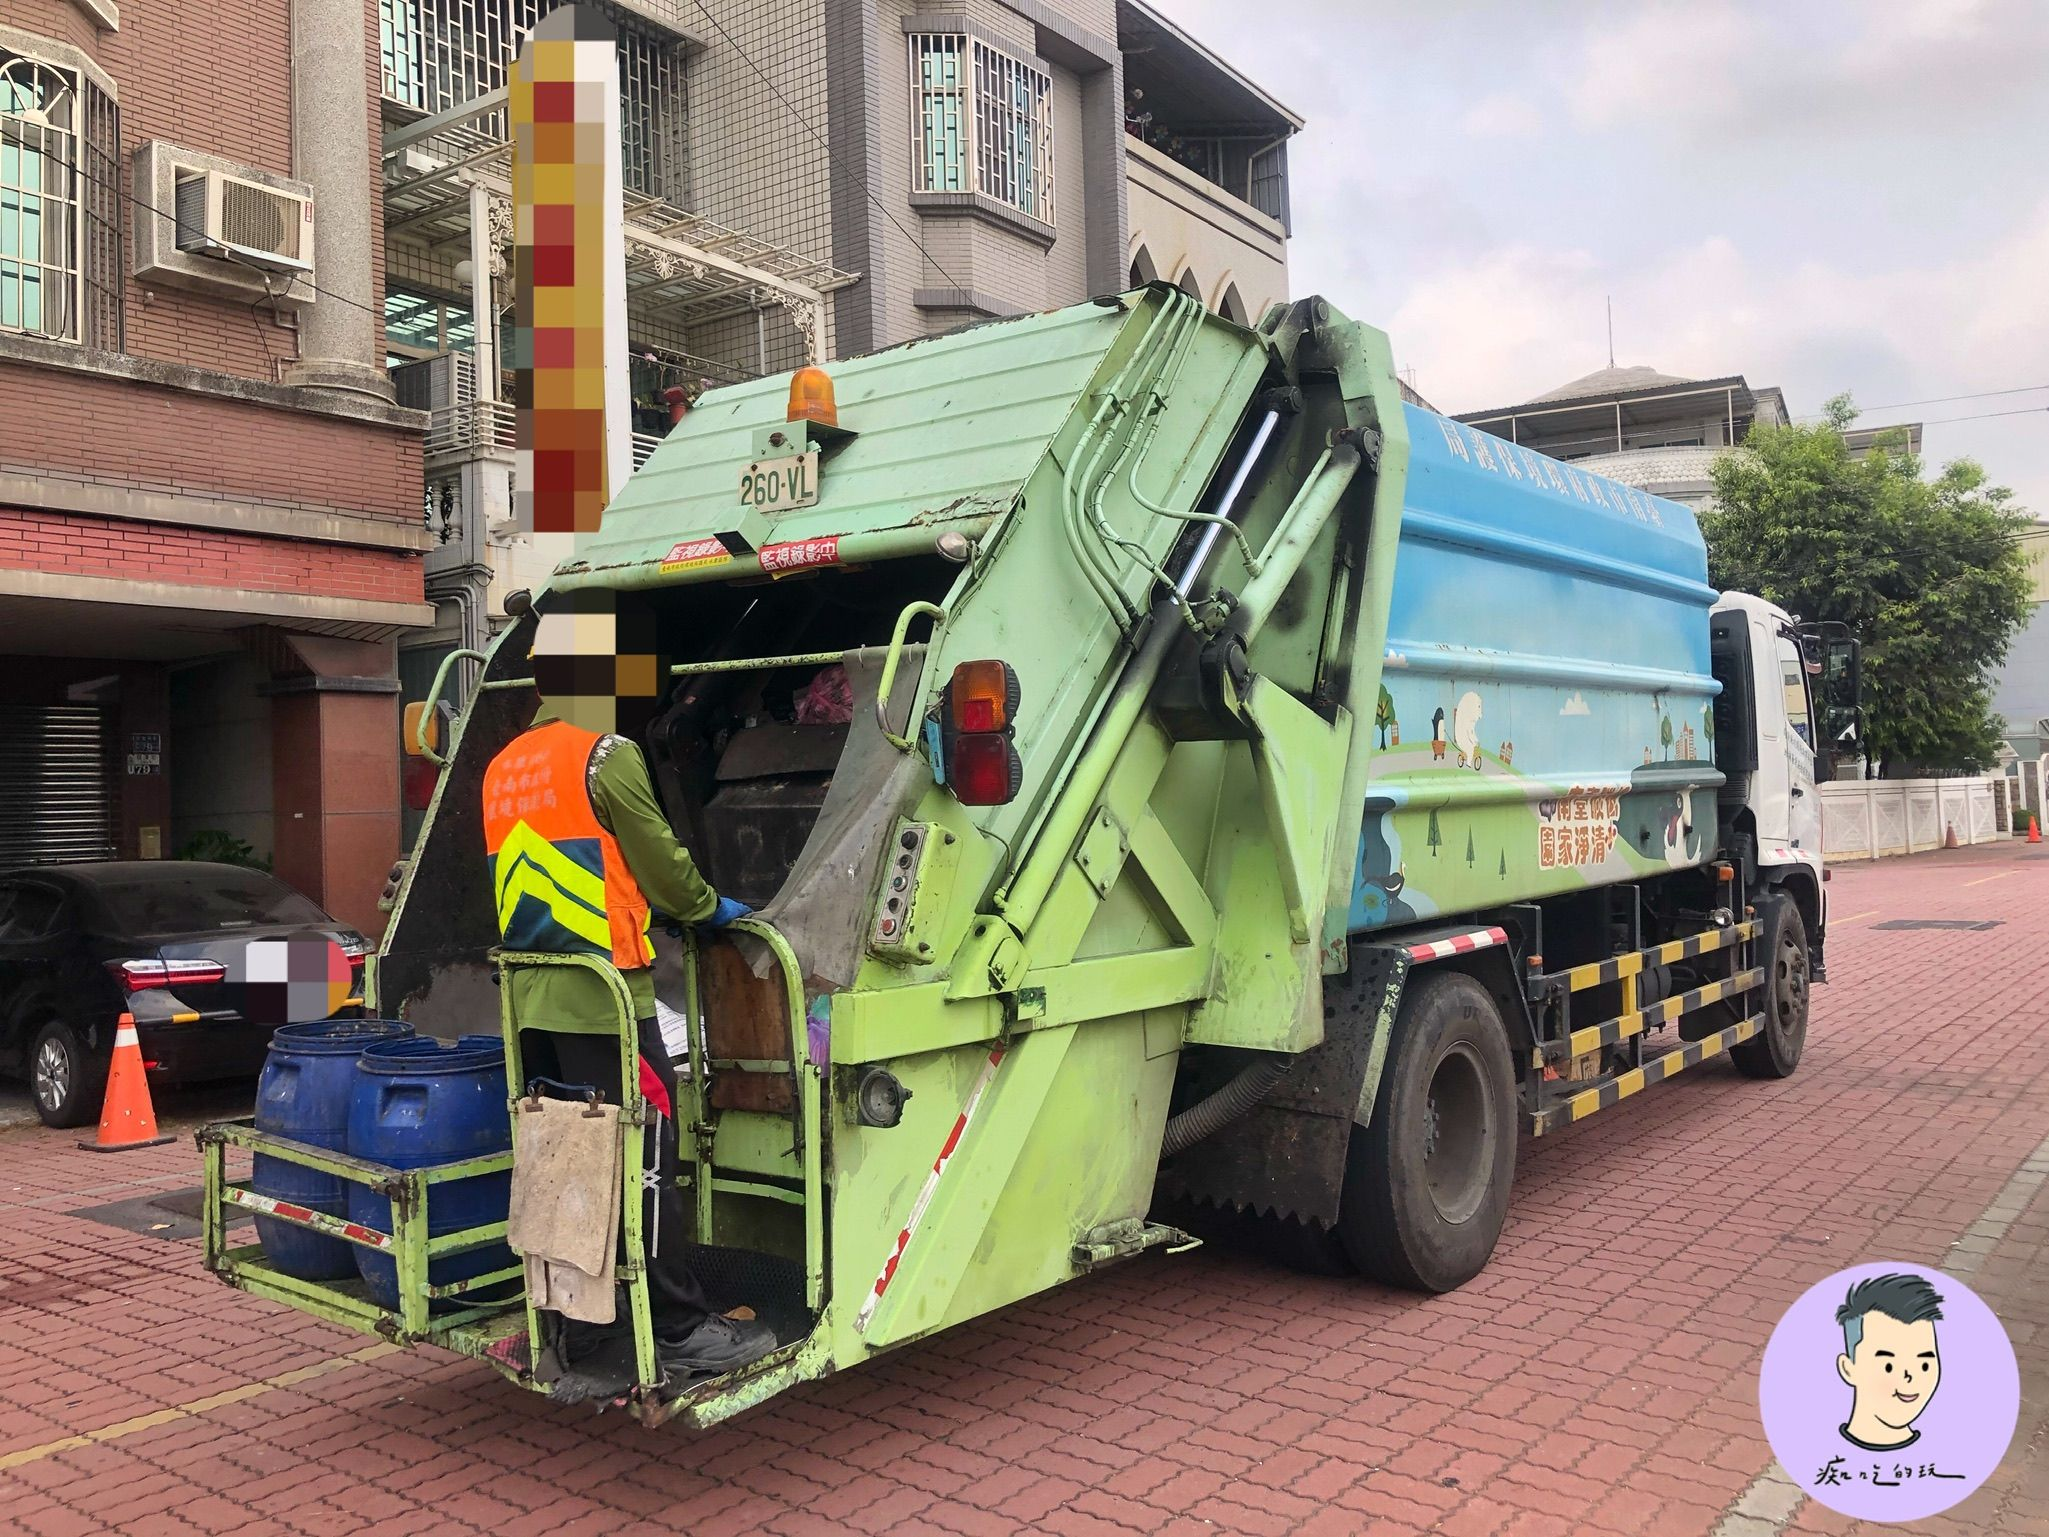 【台南資訊】台南朋友倒垃圾注意!! 10月將實施「透明垃圾袋」政策 之後禁用黑色塑膠袋倒垃圾